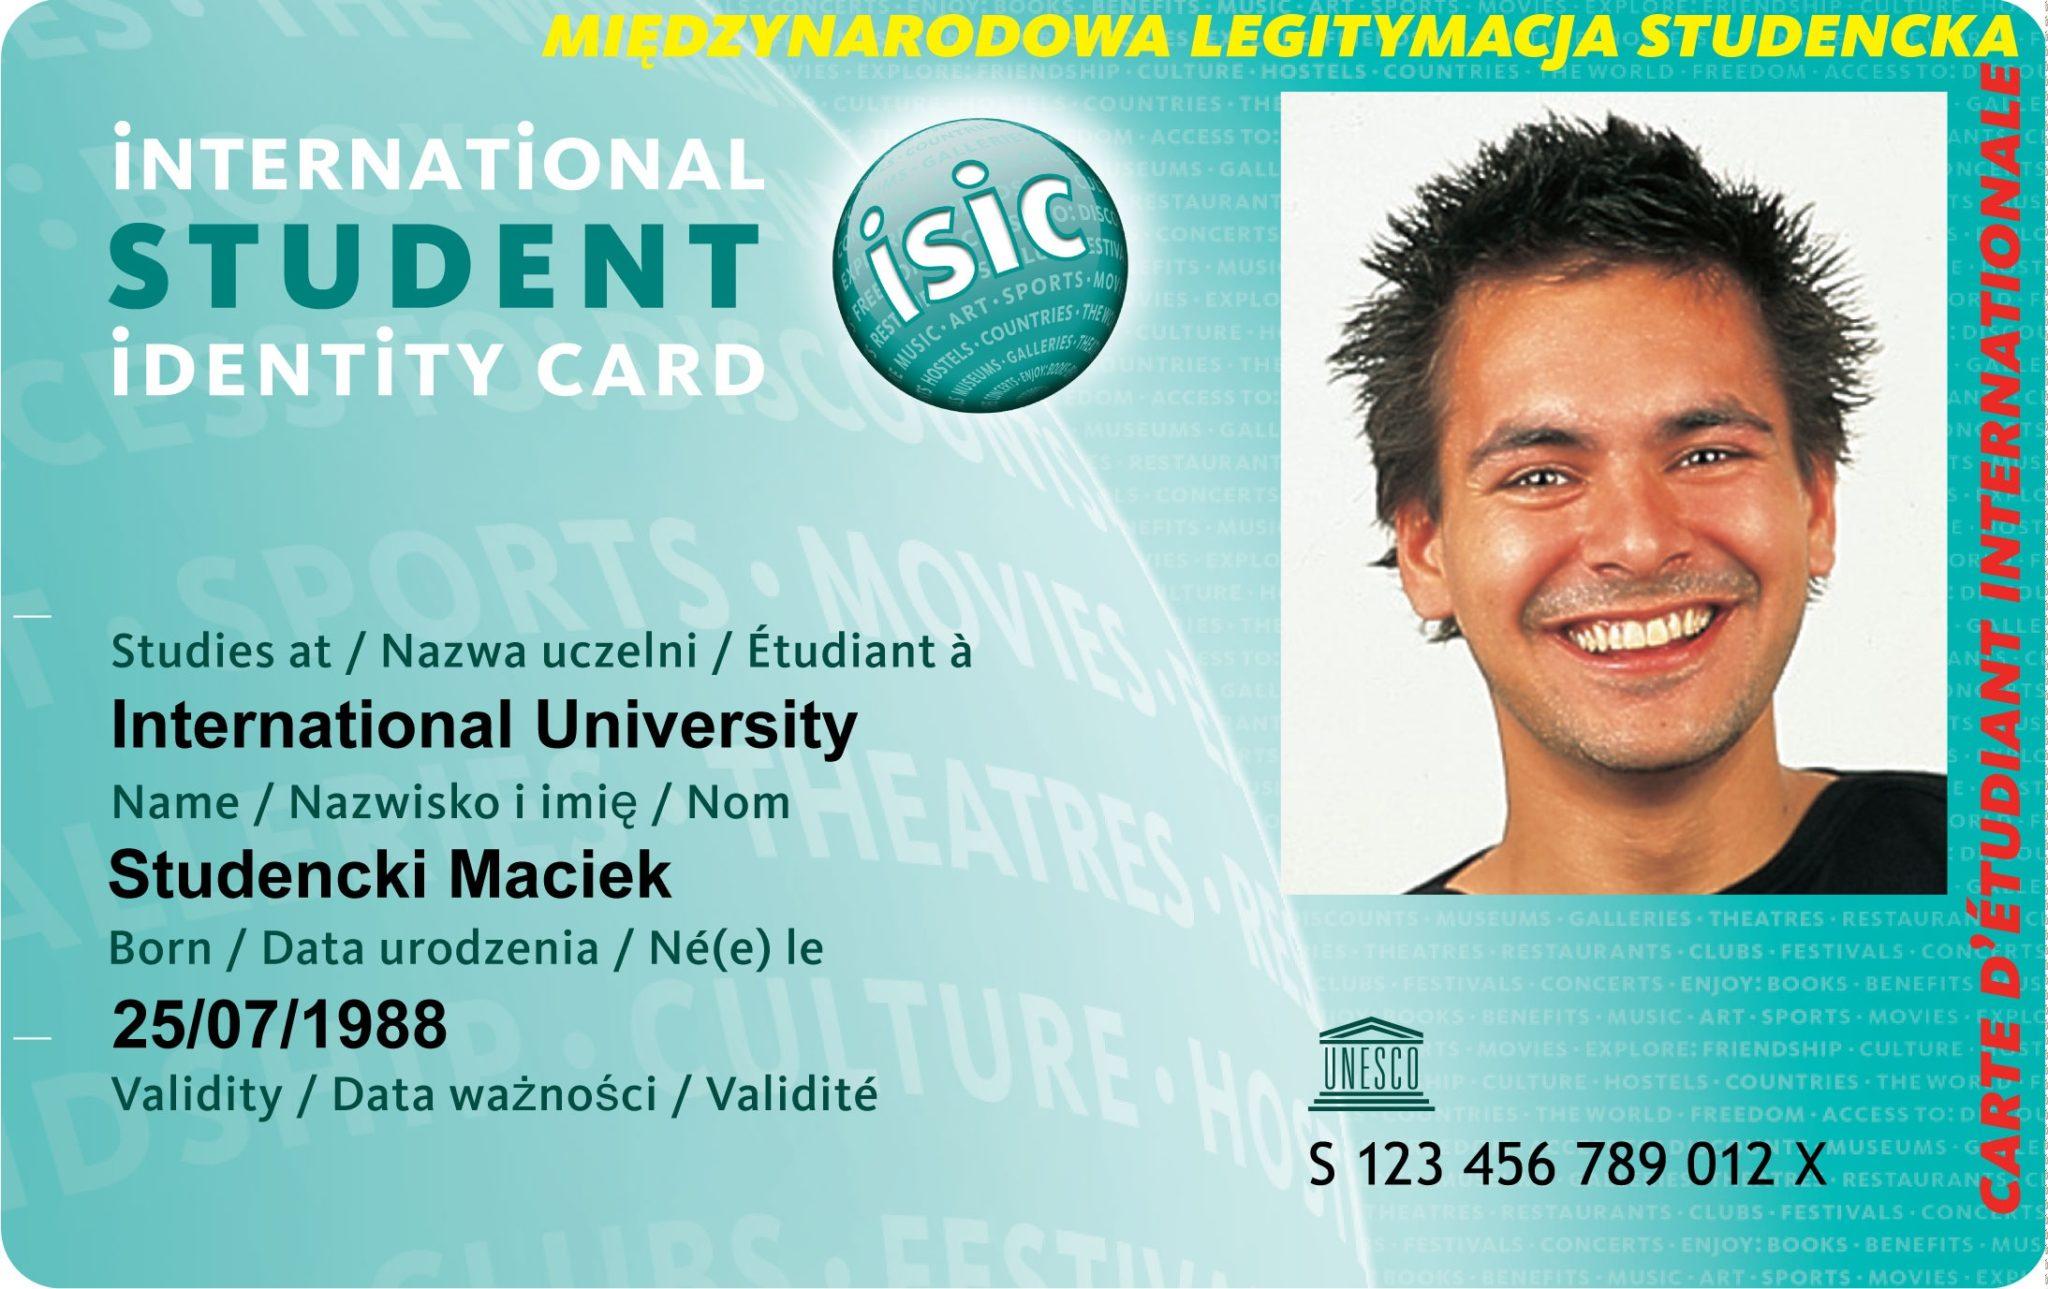 Isic I Euro26 Ktora Karta Daje Wiecej Przywilejow Traveladvisor Pl